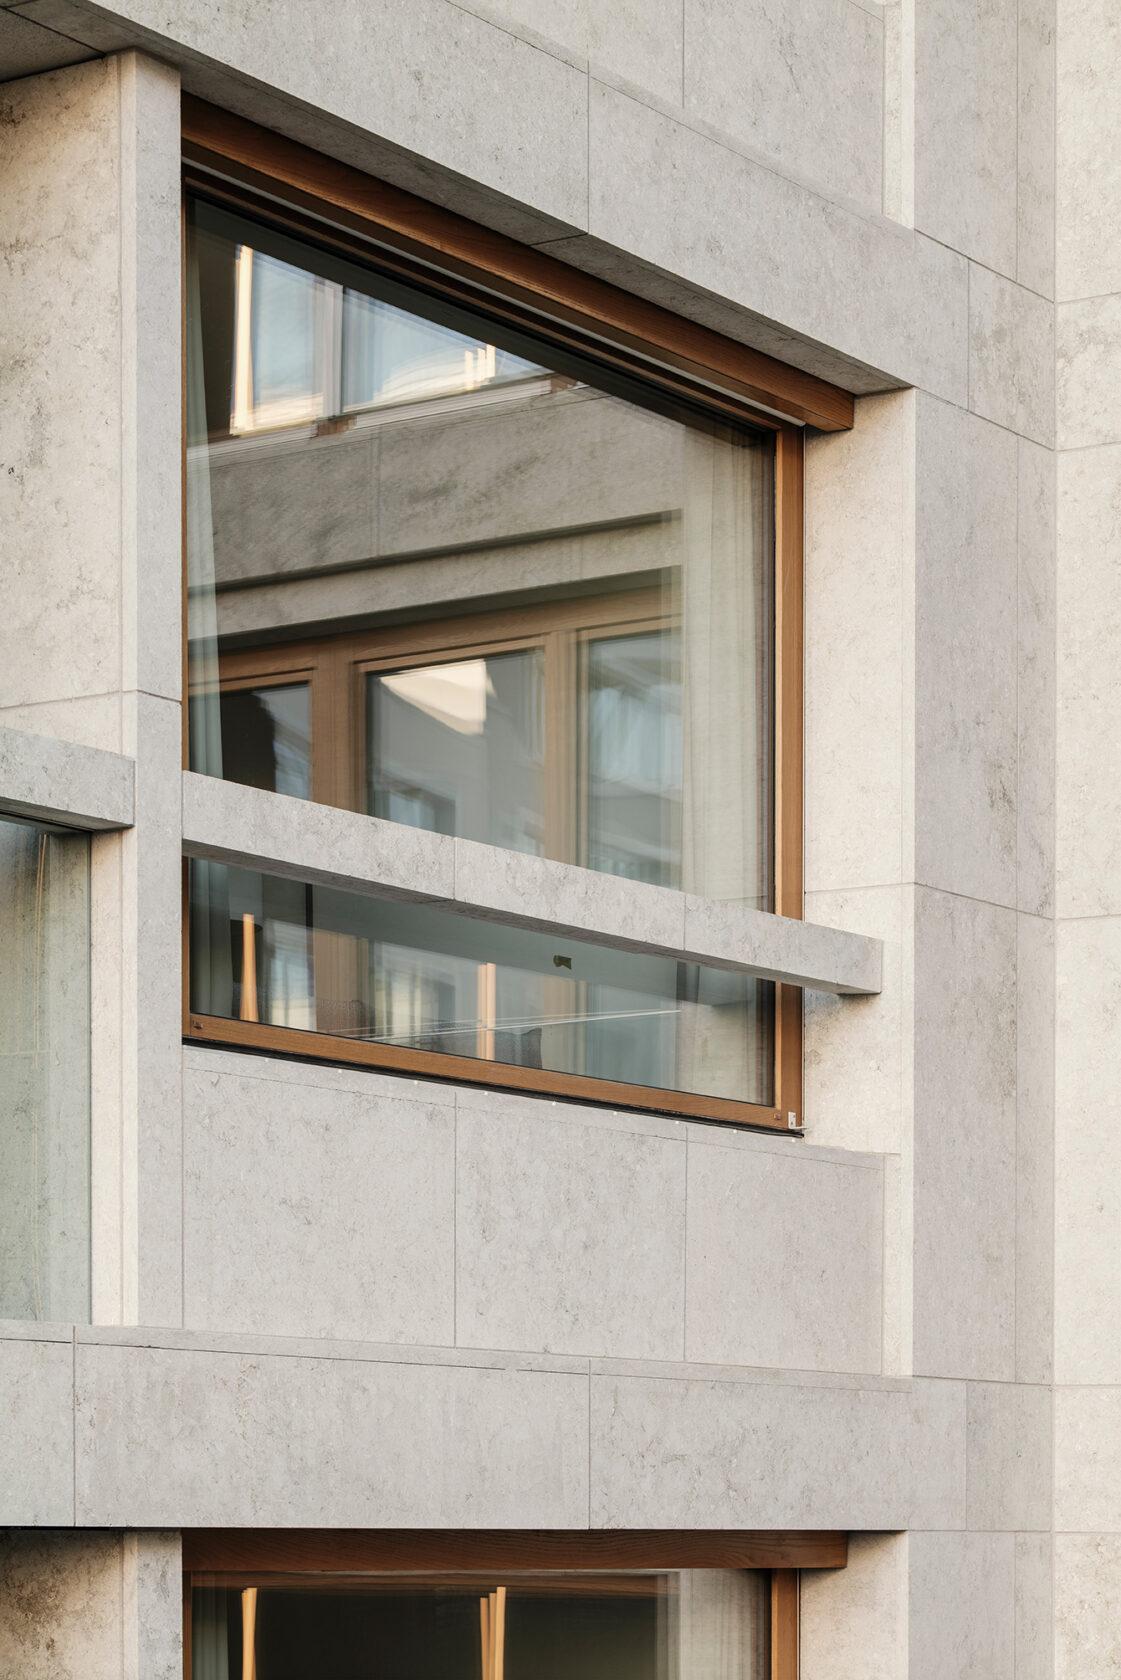 Schwabinger Carre Fensterelement dreisterneplus Architektur München